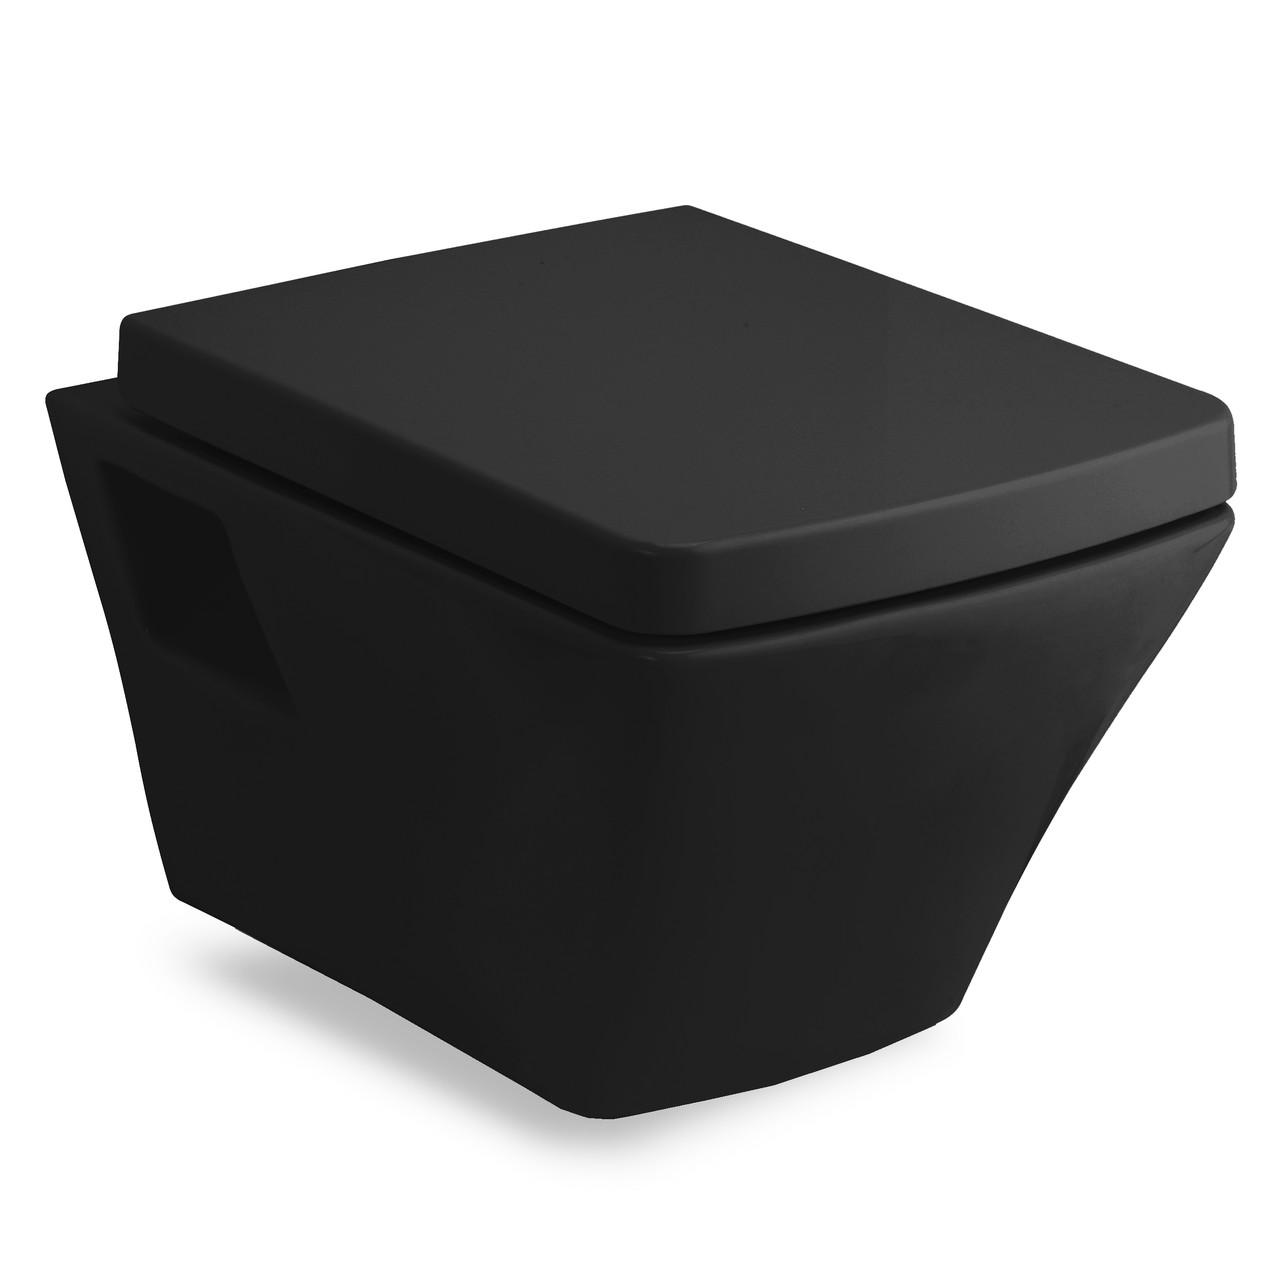 Подвесной унитаз Volle TEO 13-88-422 black с сиденьем slow-closing